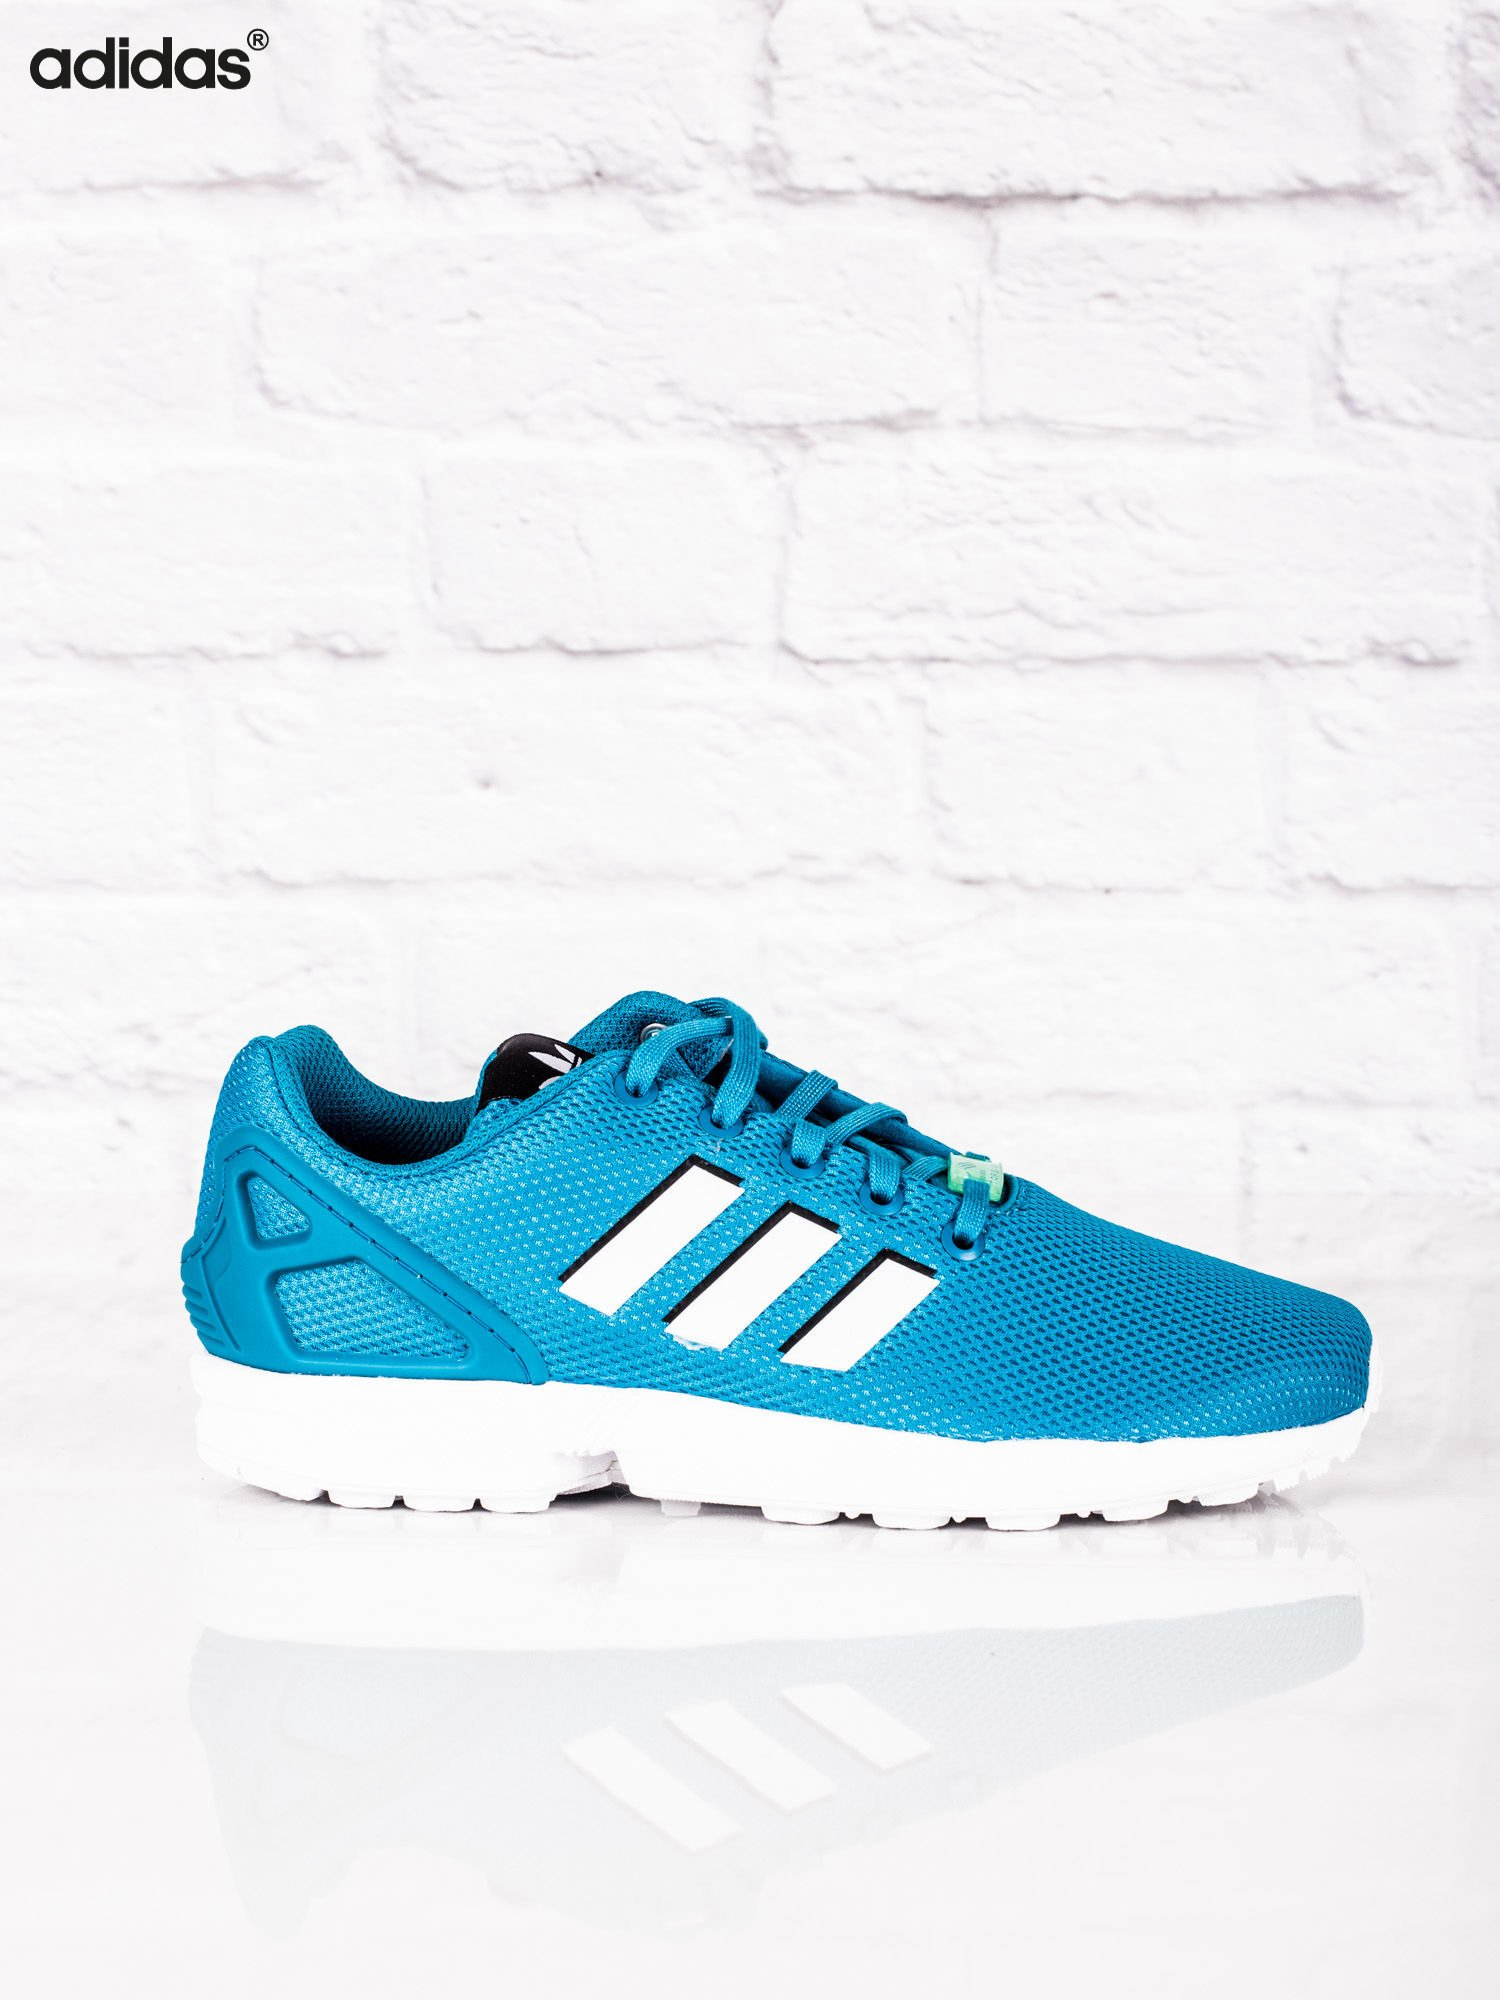 adidas zx flux damskie błękitne